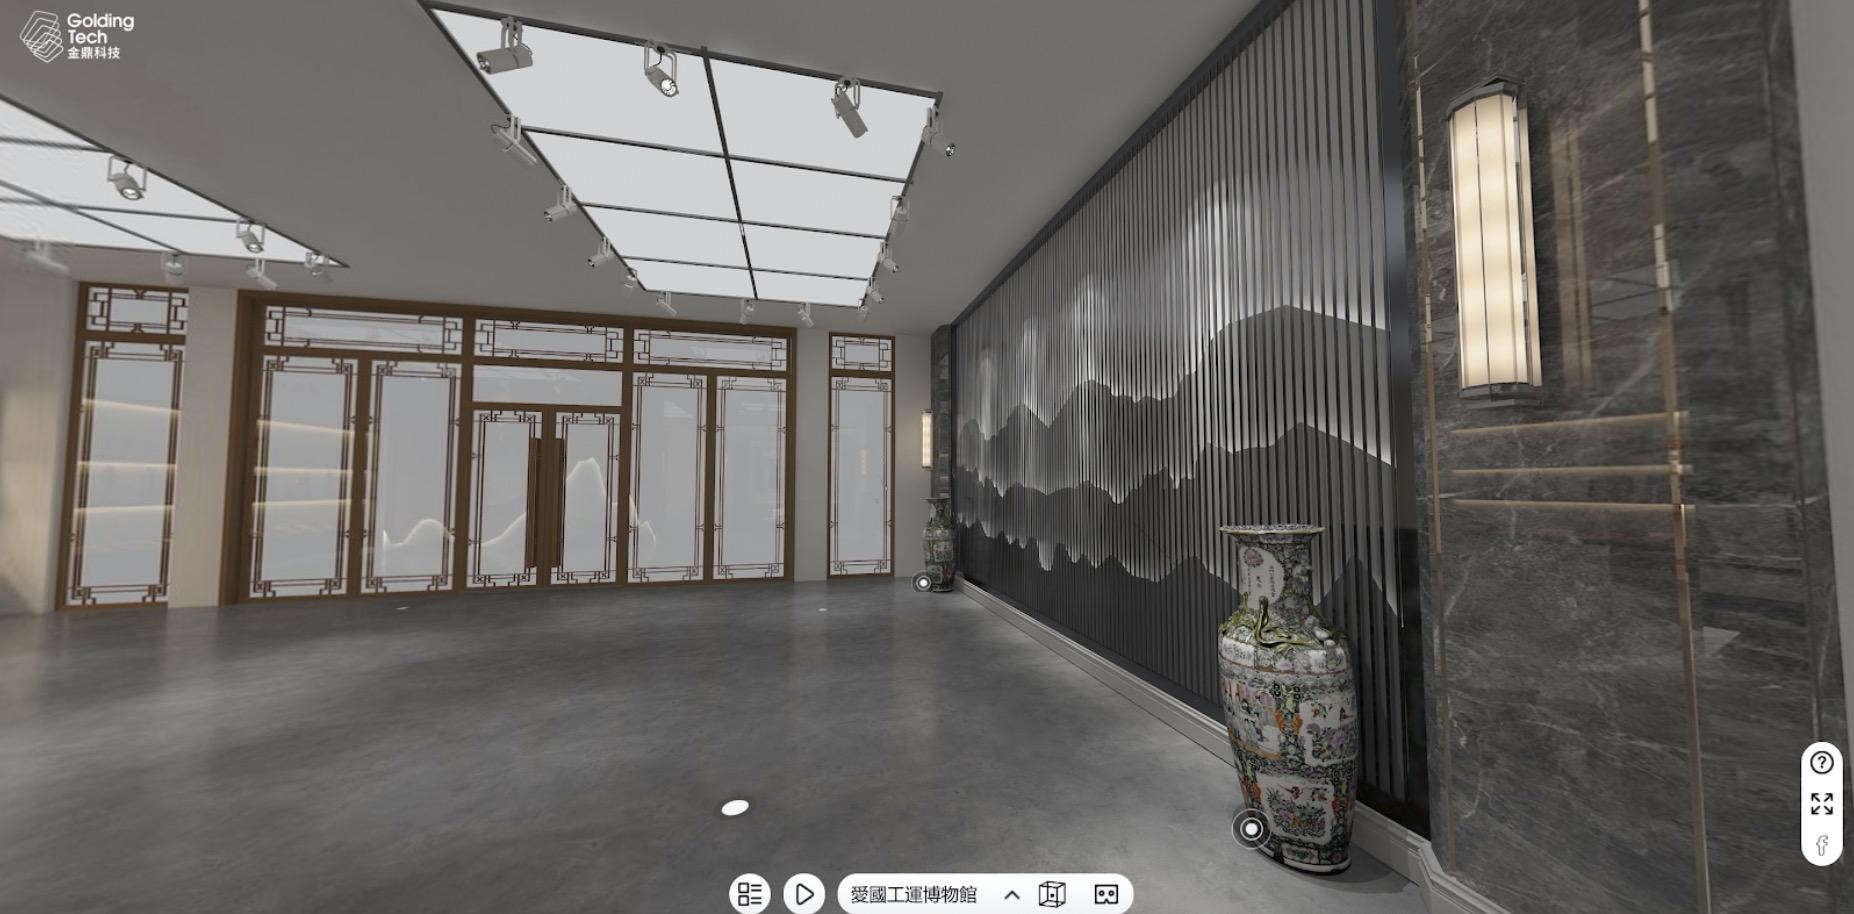 澳門工聯|愛國工運展|首場線上虛擬展覽